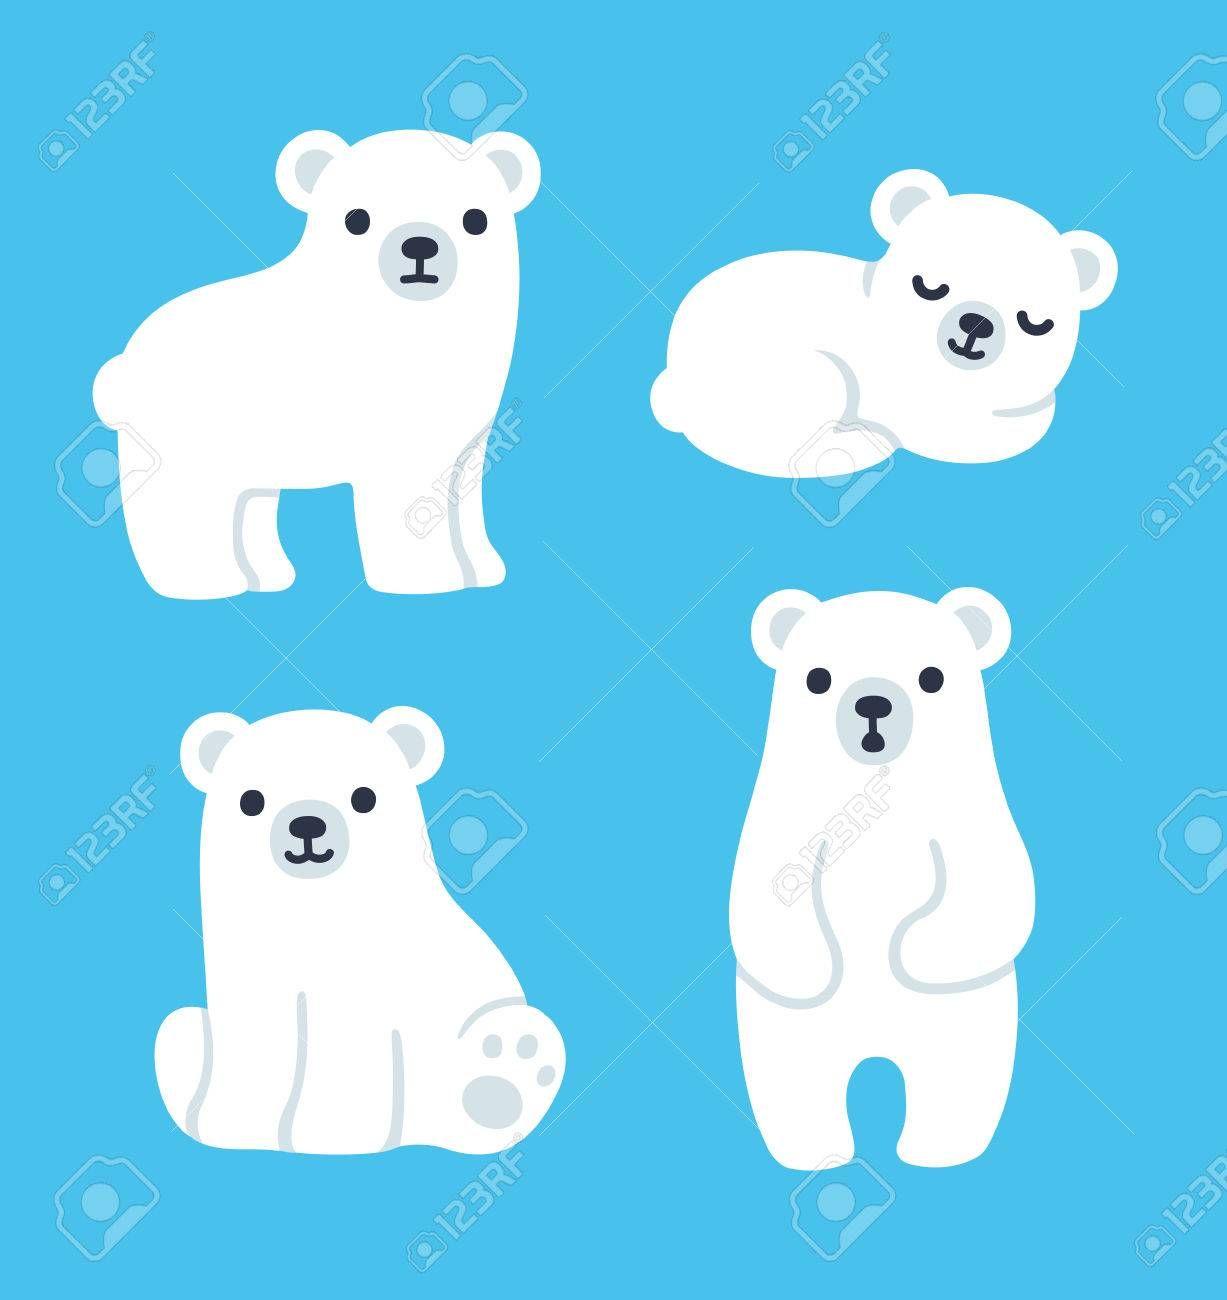 Cute Cartoon Polar Bear Cubs Collection Simple Modern Style Polar Bear Drawing Polar Bear Cartoon Baby Polar Bears